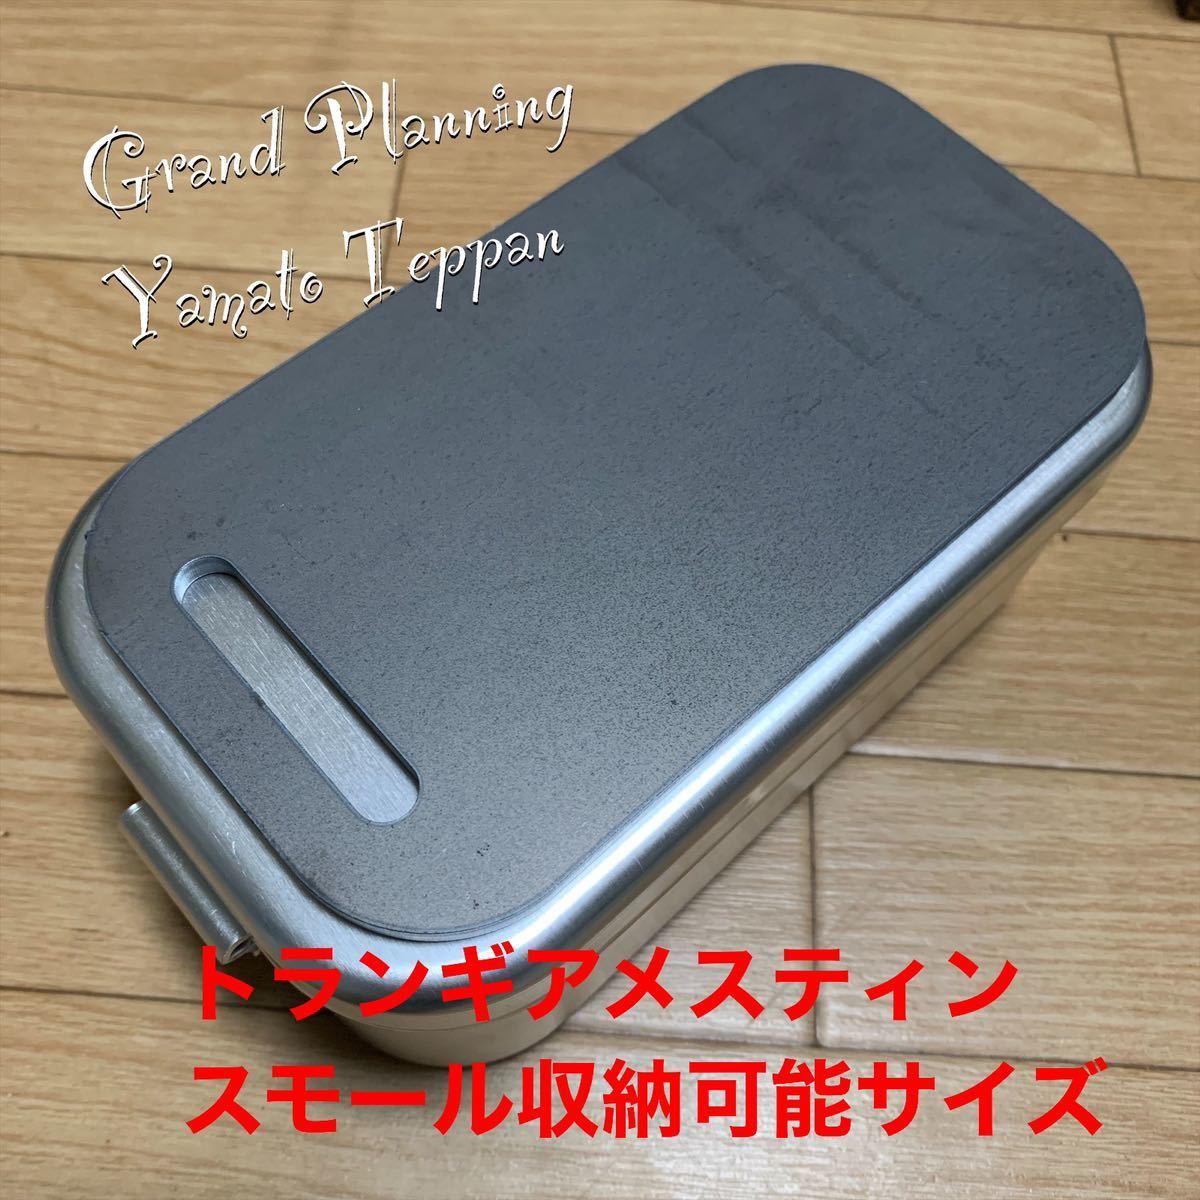 アウトドア ソロ鉄板 6ミリ スクレーパー 収納袋LGY